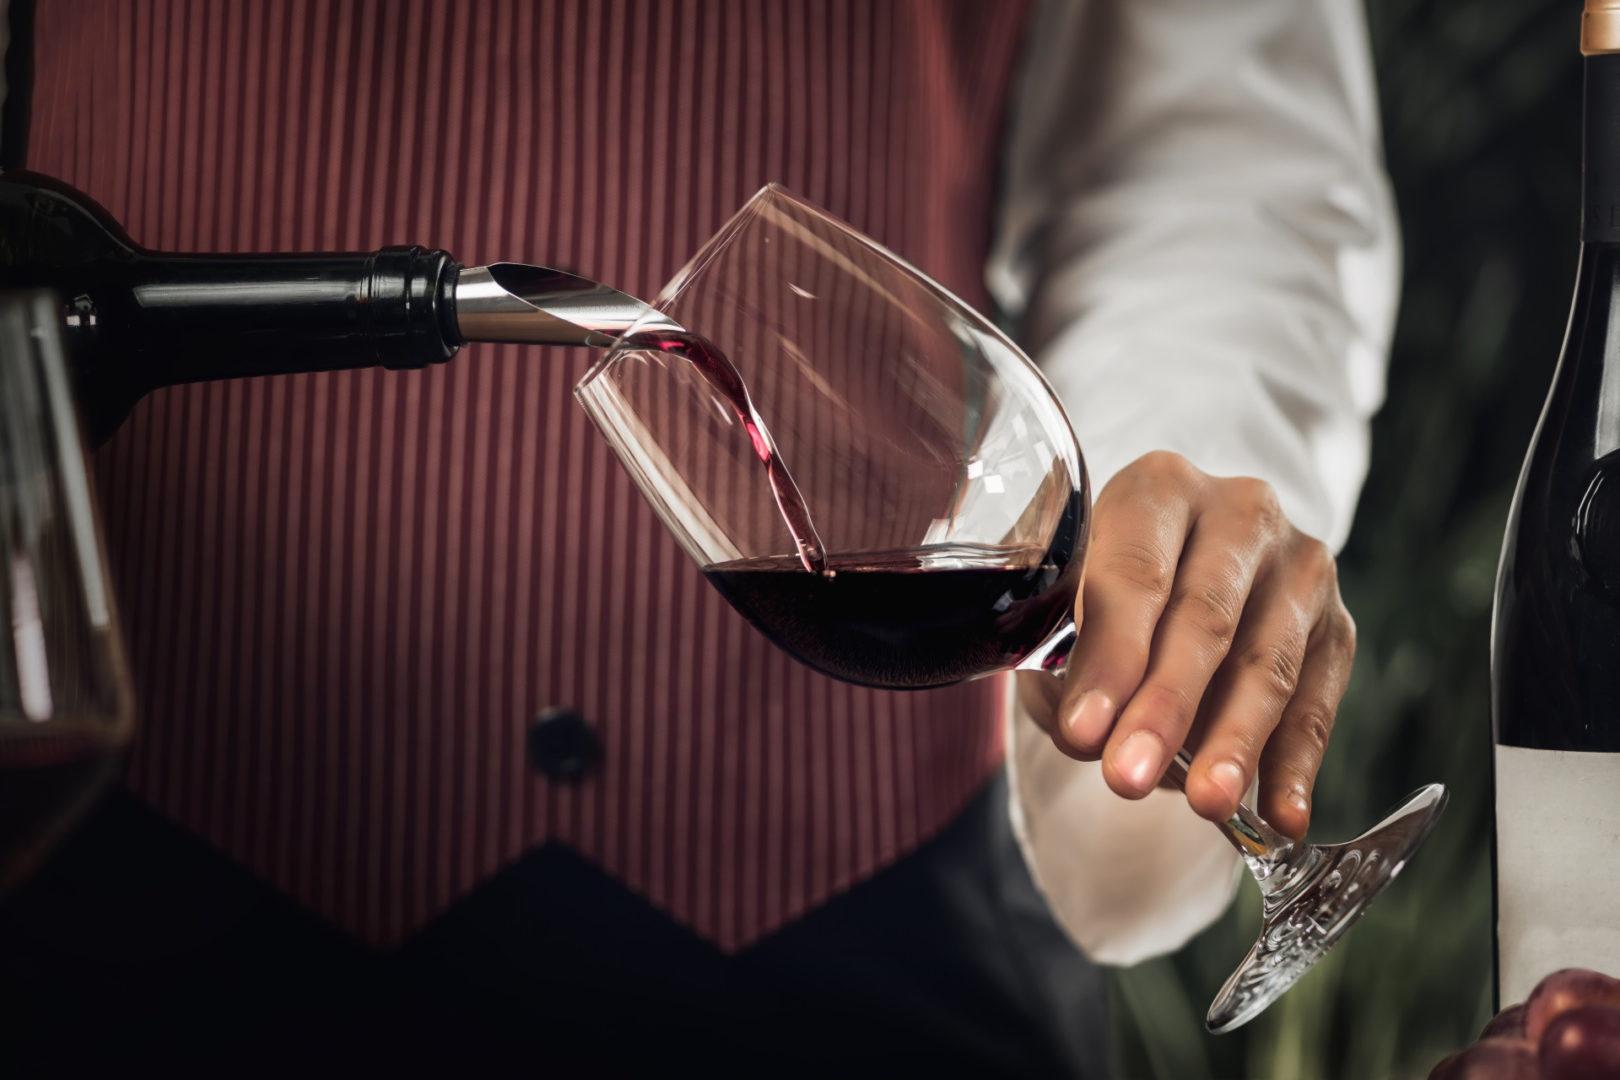 τροφές που ρίχνουν τη χοληστερίνη - red wine pouring into wine glass - 6+1 τροφές που ρίχνουν τη χοληστερίνη